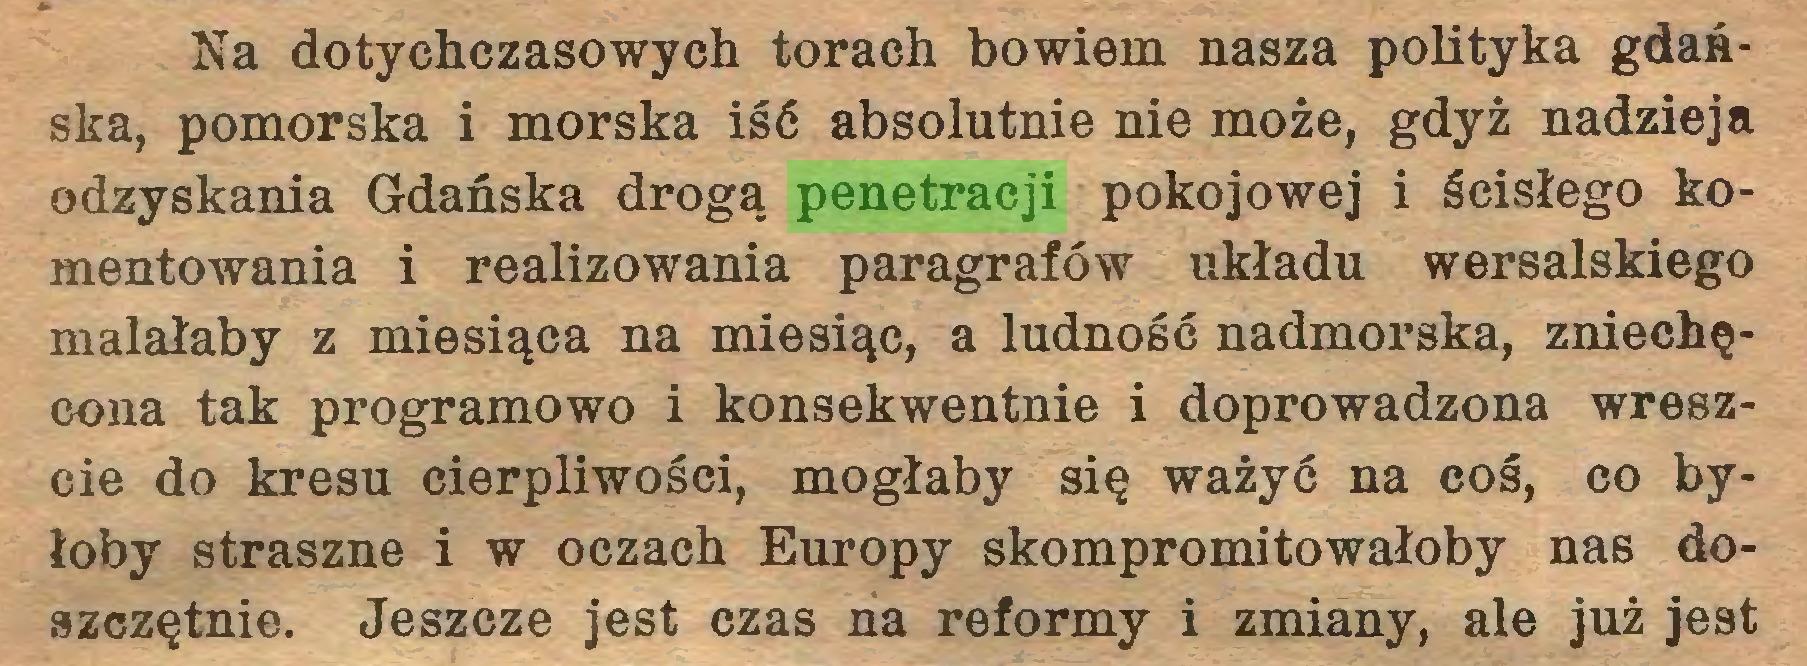 (...) Na dotychczasowych torach bowiem nasza polityka gdańska, pomorska i morska iść absolutnie nie może, gdyż nadzieja odzyskania Gdańska drogą penetracji pokojowej i ścisłego komentowania i realizowania paragrafów układu wersalskiego malałaby z miesiąca na miesiąc, a ludność nadmorska, zniechęcona tak programowo i konsekwentnie i doprowadzona wreszcie do kresu cierpliwości, mogłaby się ważyć na coś, co byłoby straszne i w oczach Europy skompromitowałoby nas doszczętnie. Jeszcze jest czas na reformy i zmiany, ale już jest...